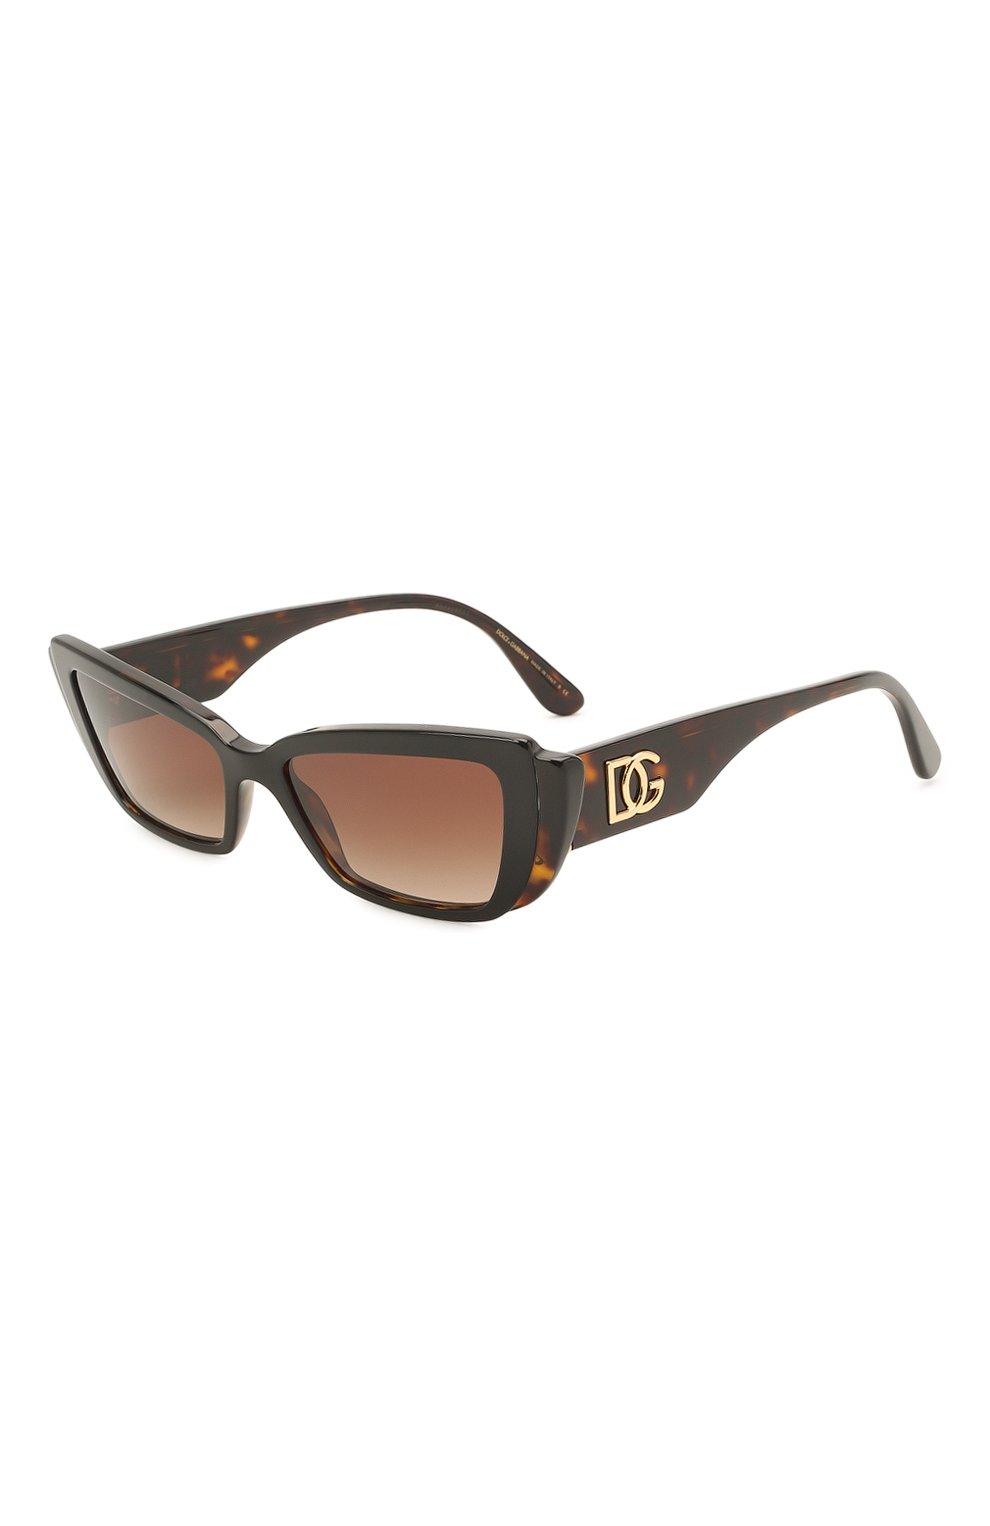 Женские солнцезащитные очки DOLCE & GABBANA коричневого цвета, арт. 4382-327013 | Фото 1